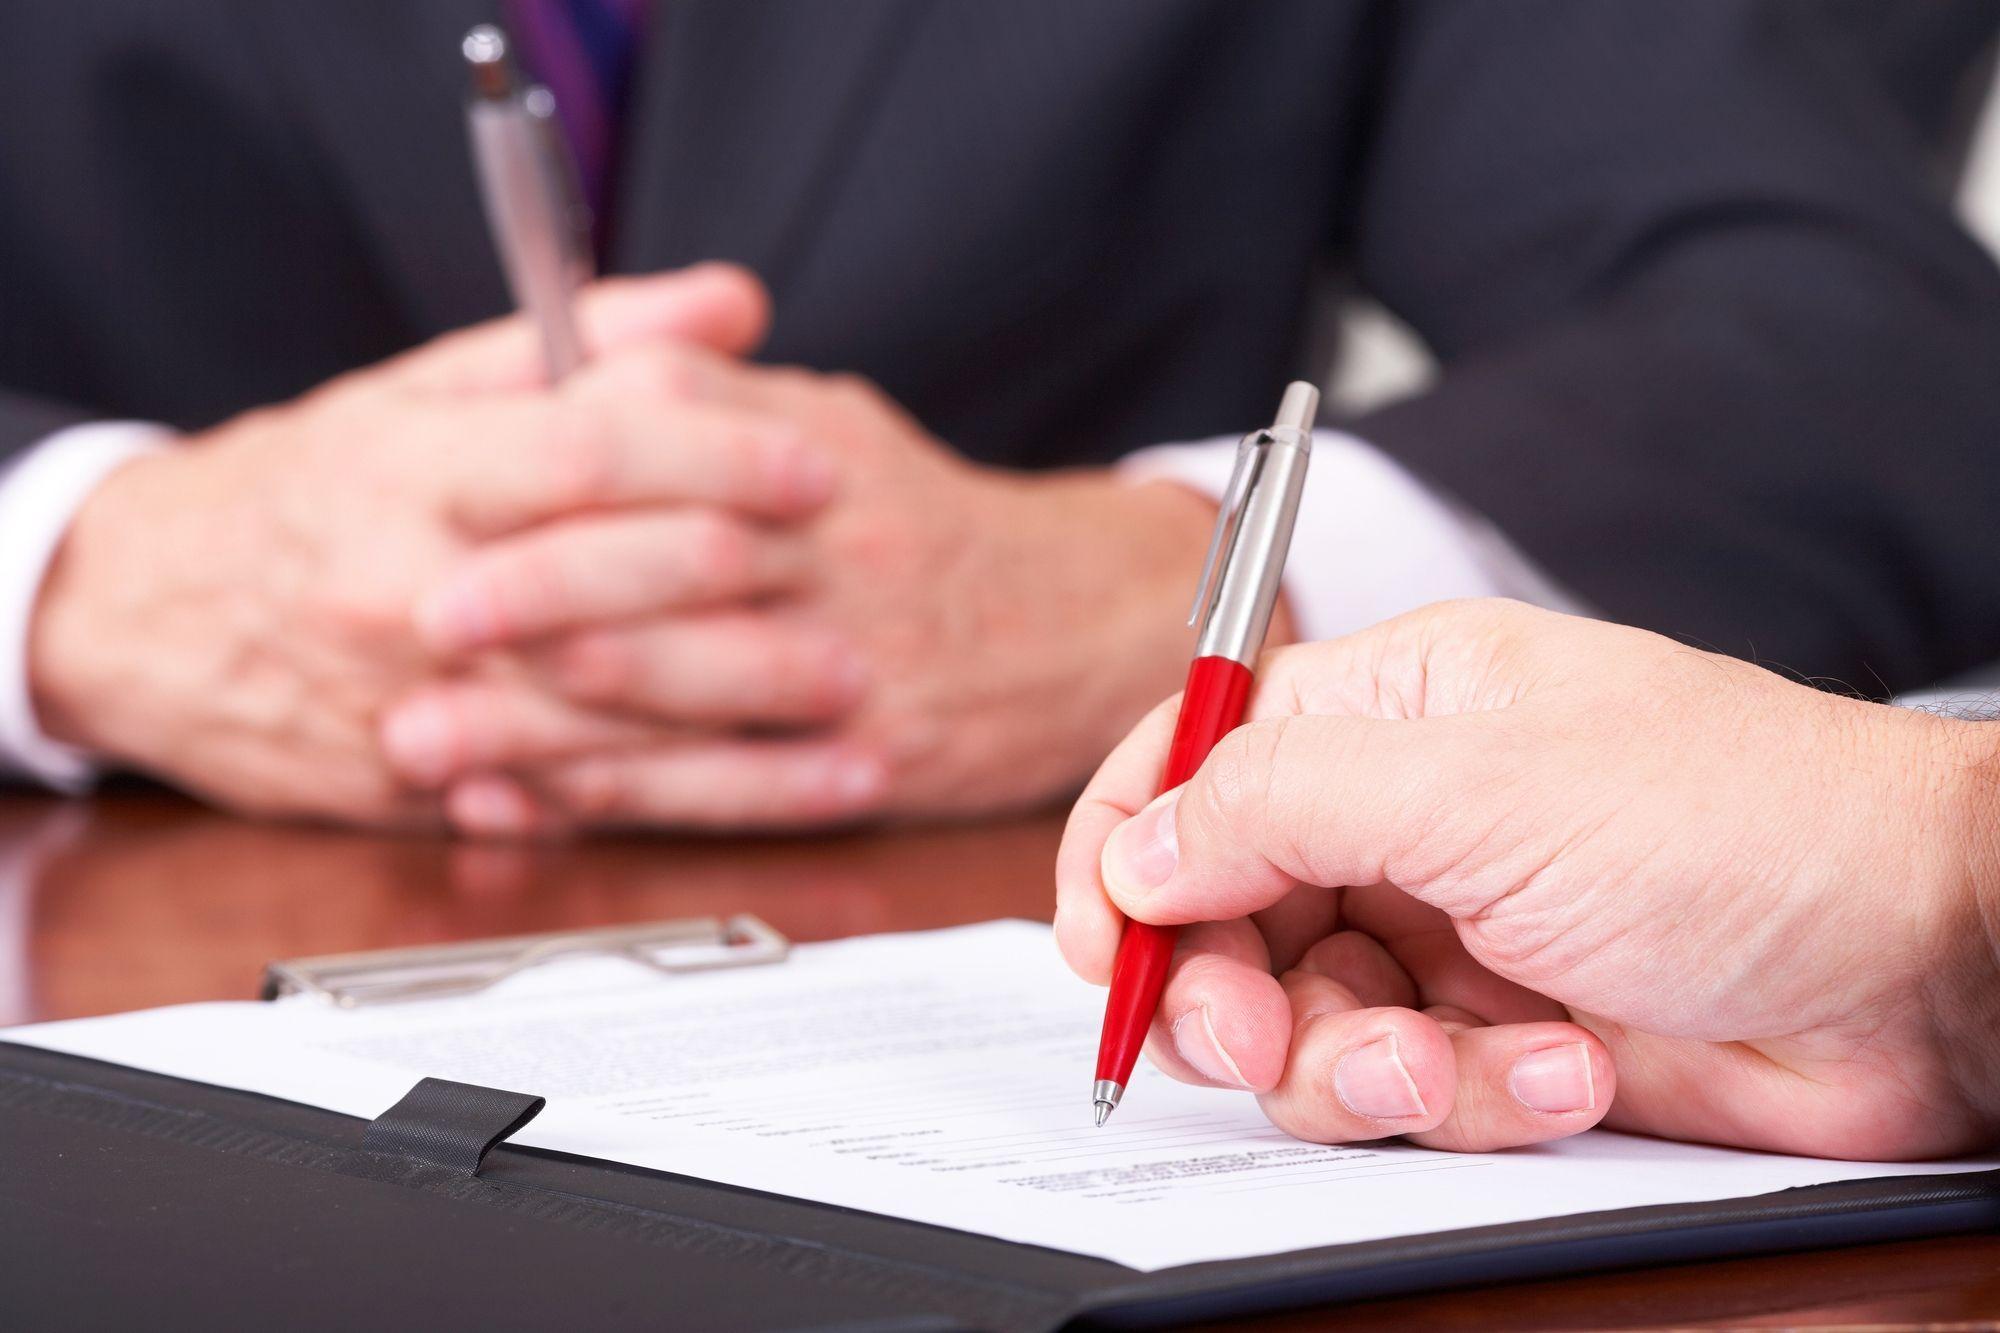 Proposta di modifica unilaterale del contratto di conto corrente: cos'è e come gestirla